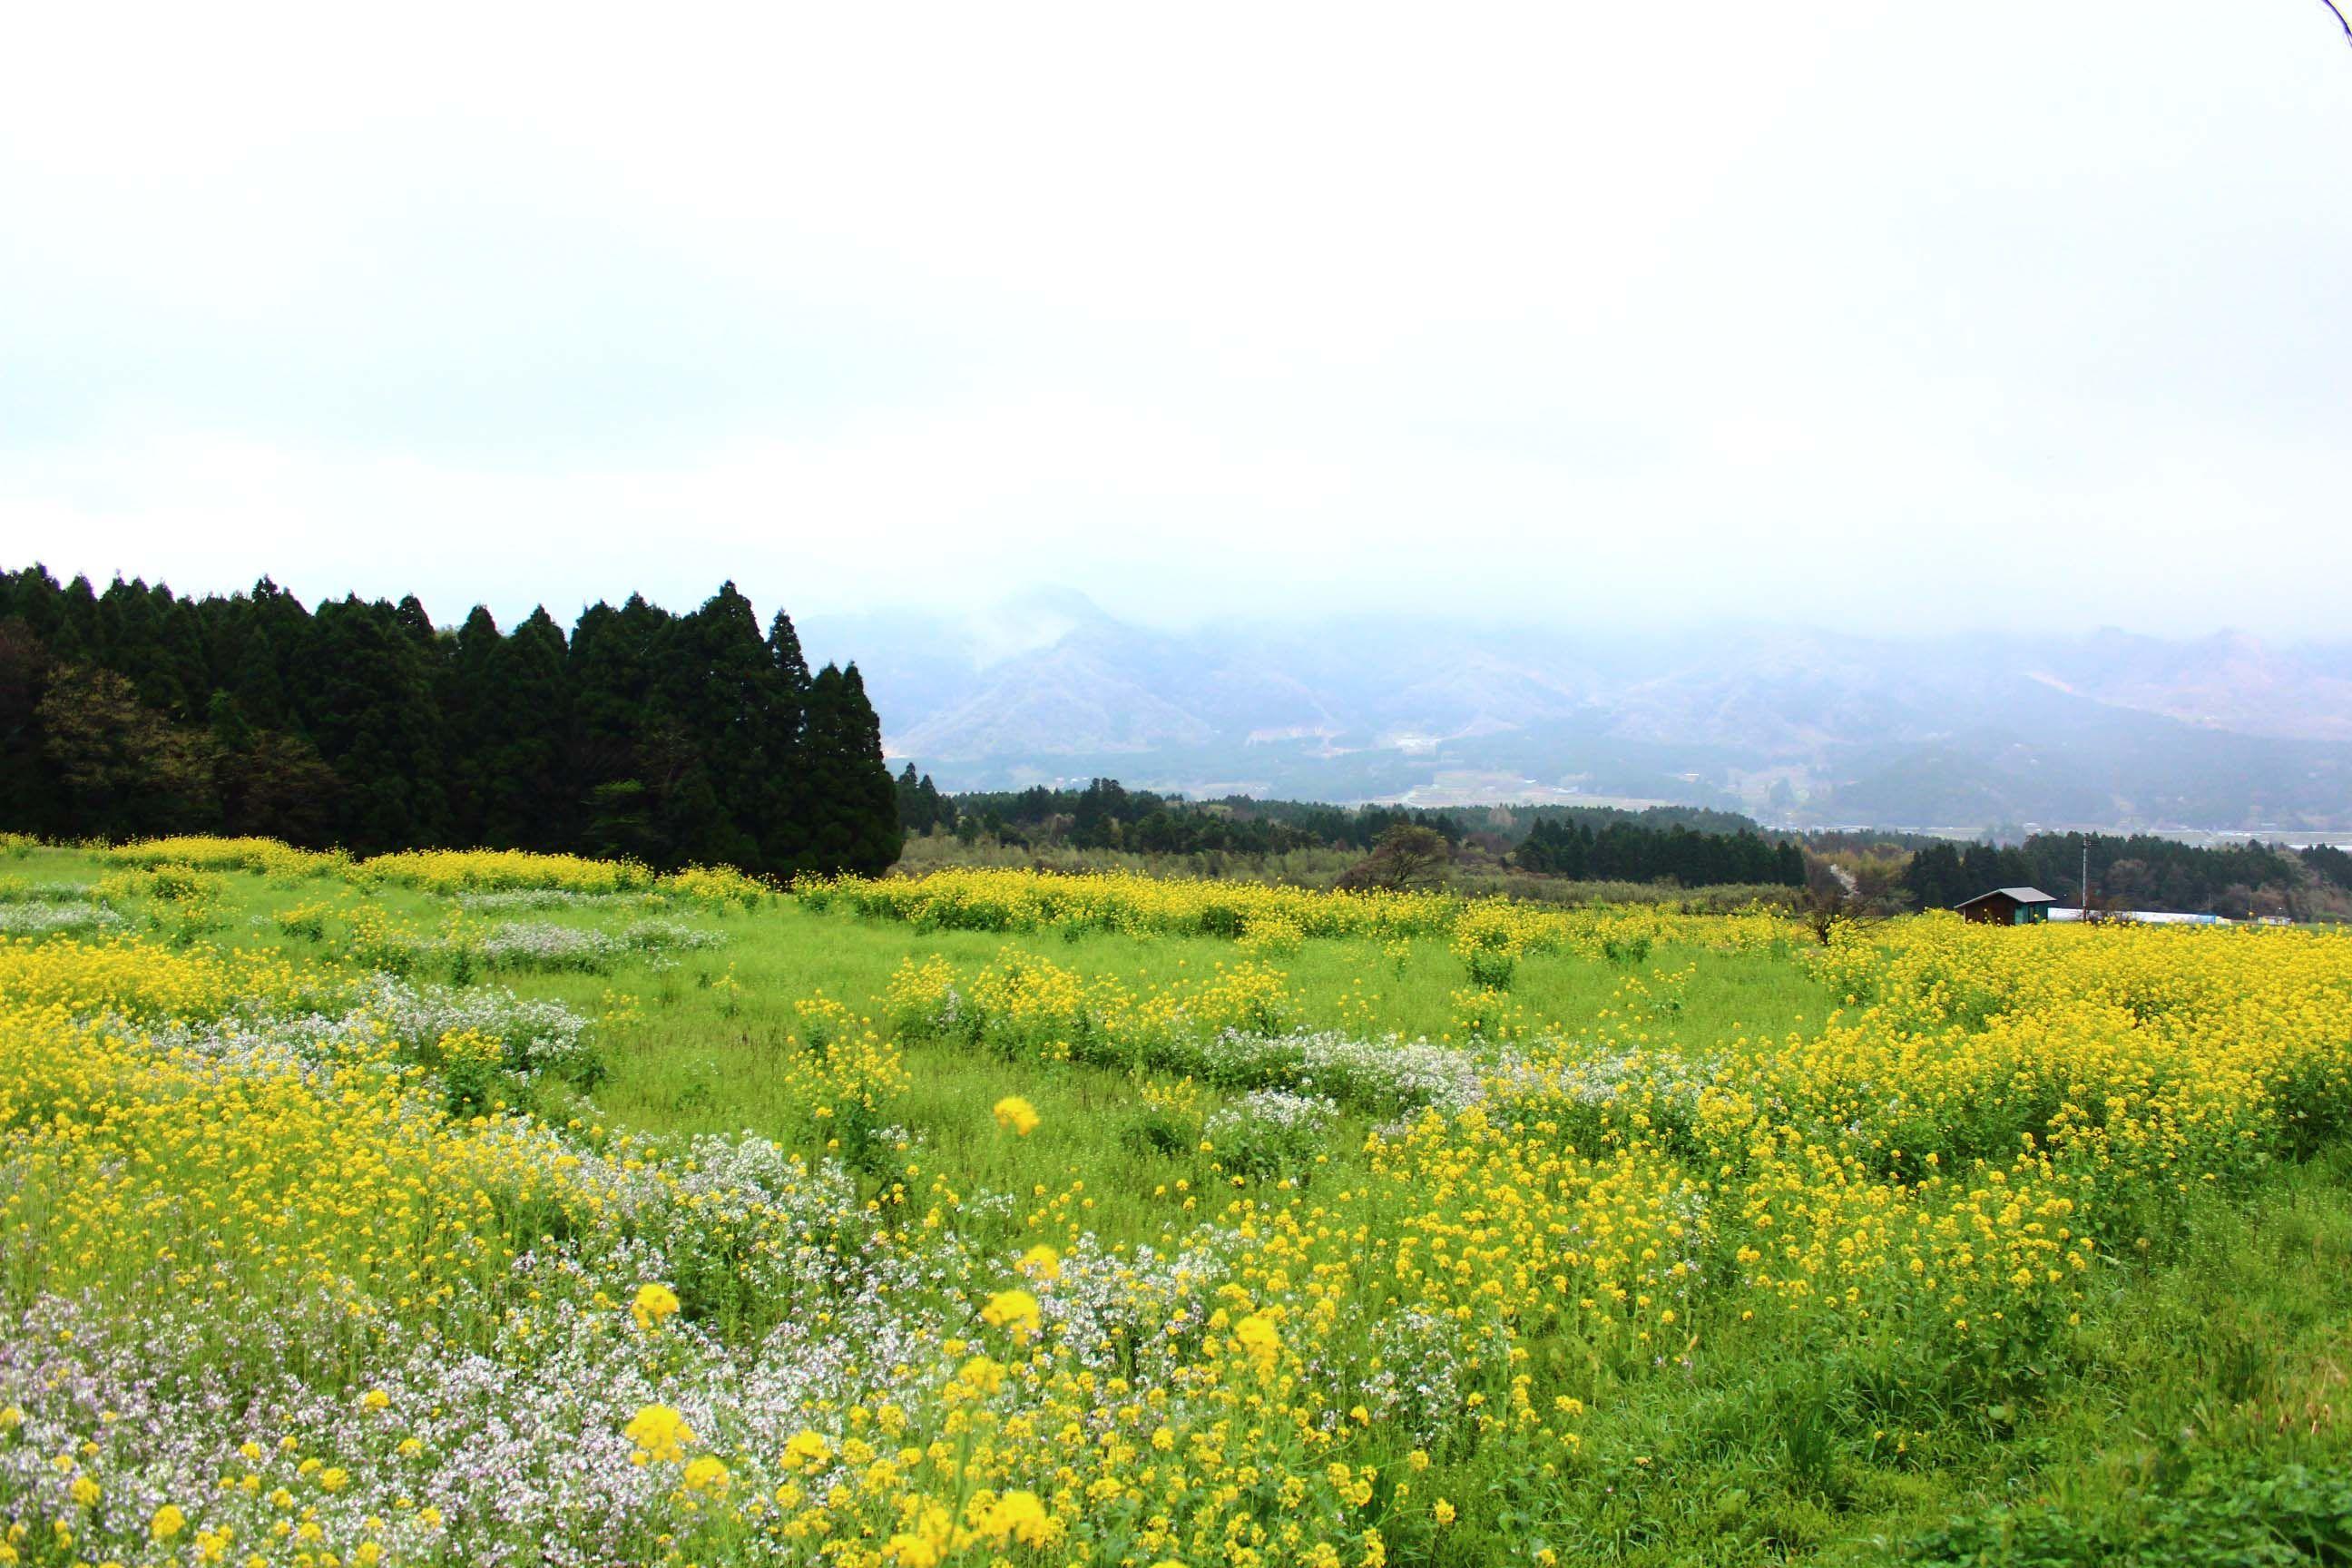 #熊本県 #南阿蘇 菜の花がたくさん咲いていた。今はどうなっているのだろう。。。